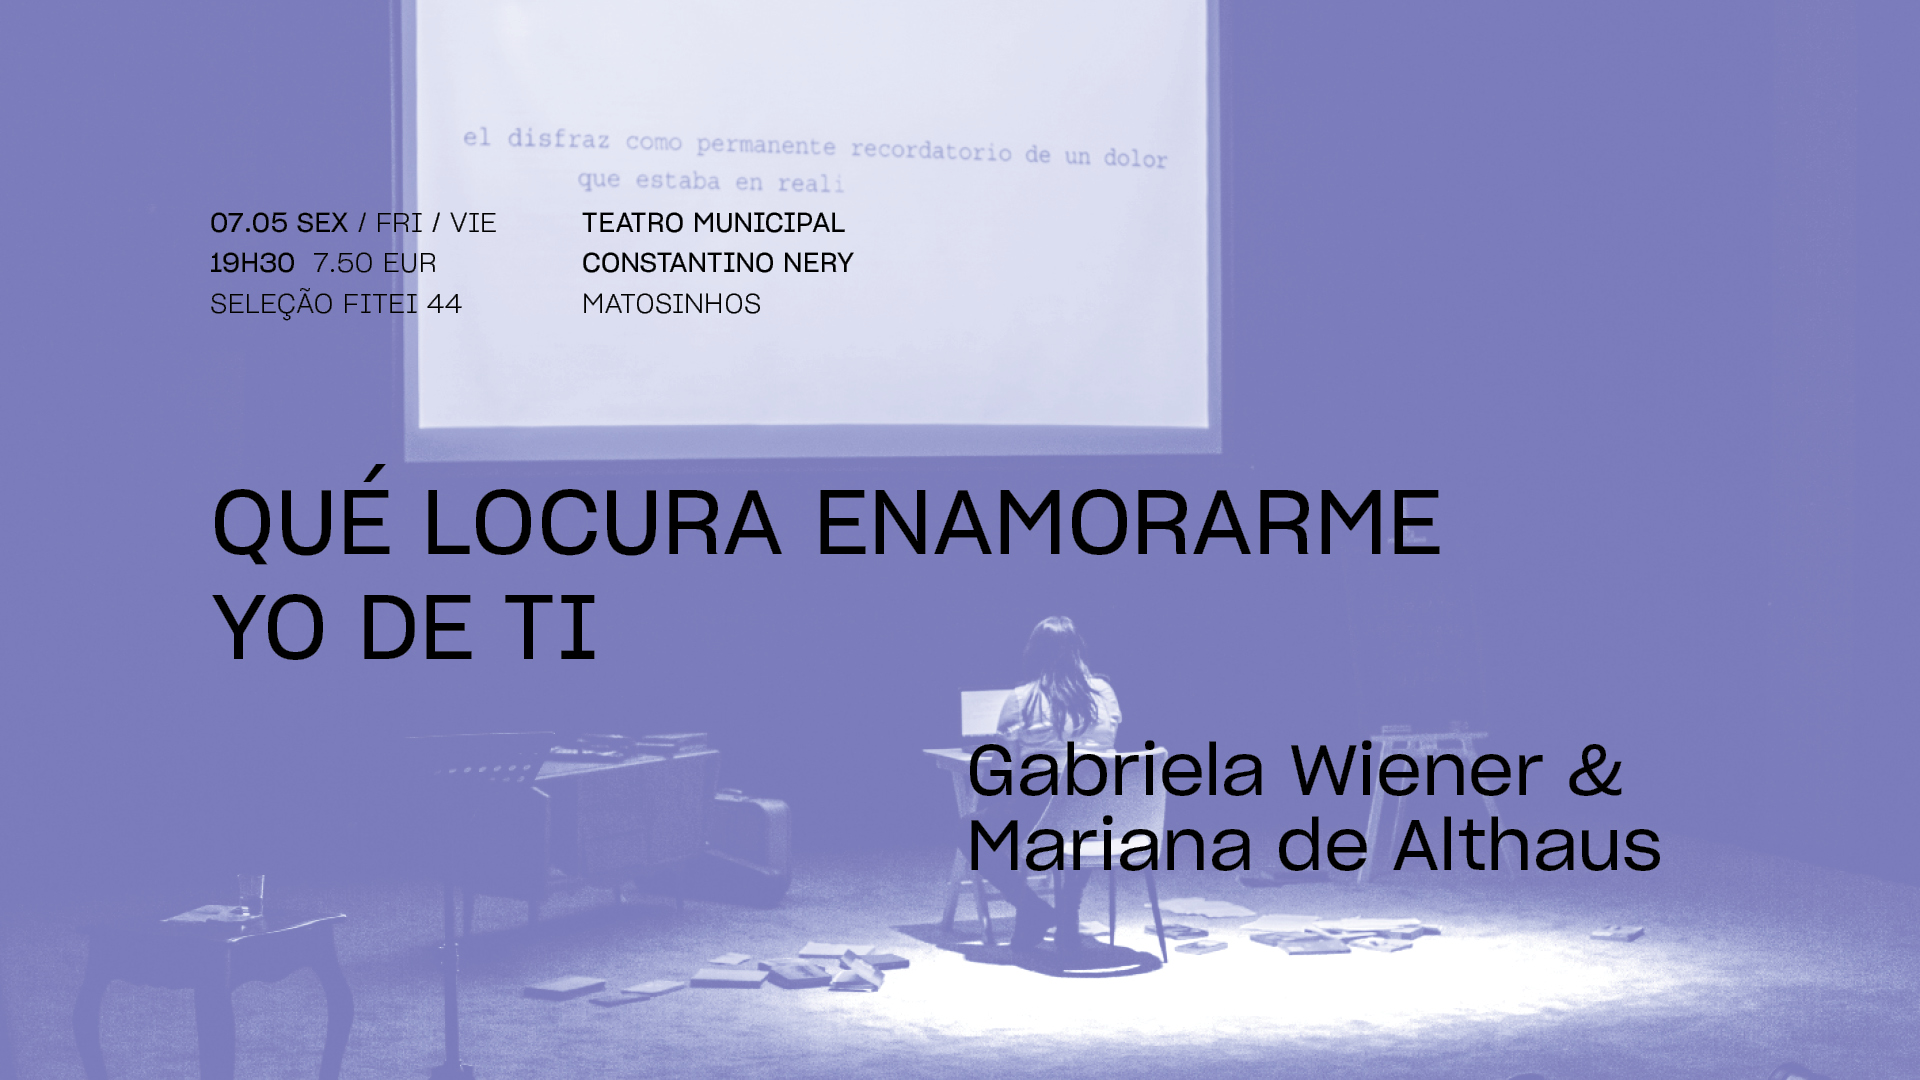 Qué locura enamorarme yo de ti • GABRIELA WIENER & MARIANA DE ALTHAUS • Estreia nacional /Perú